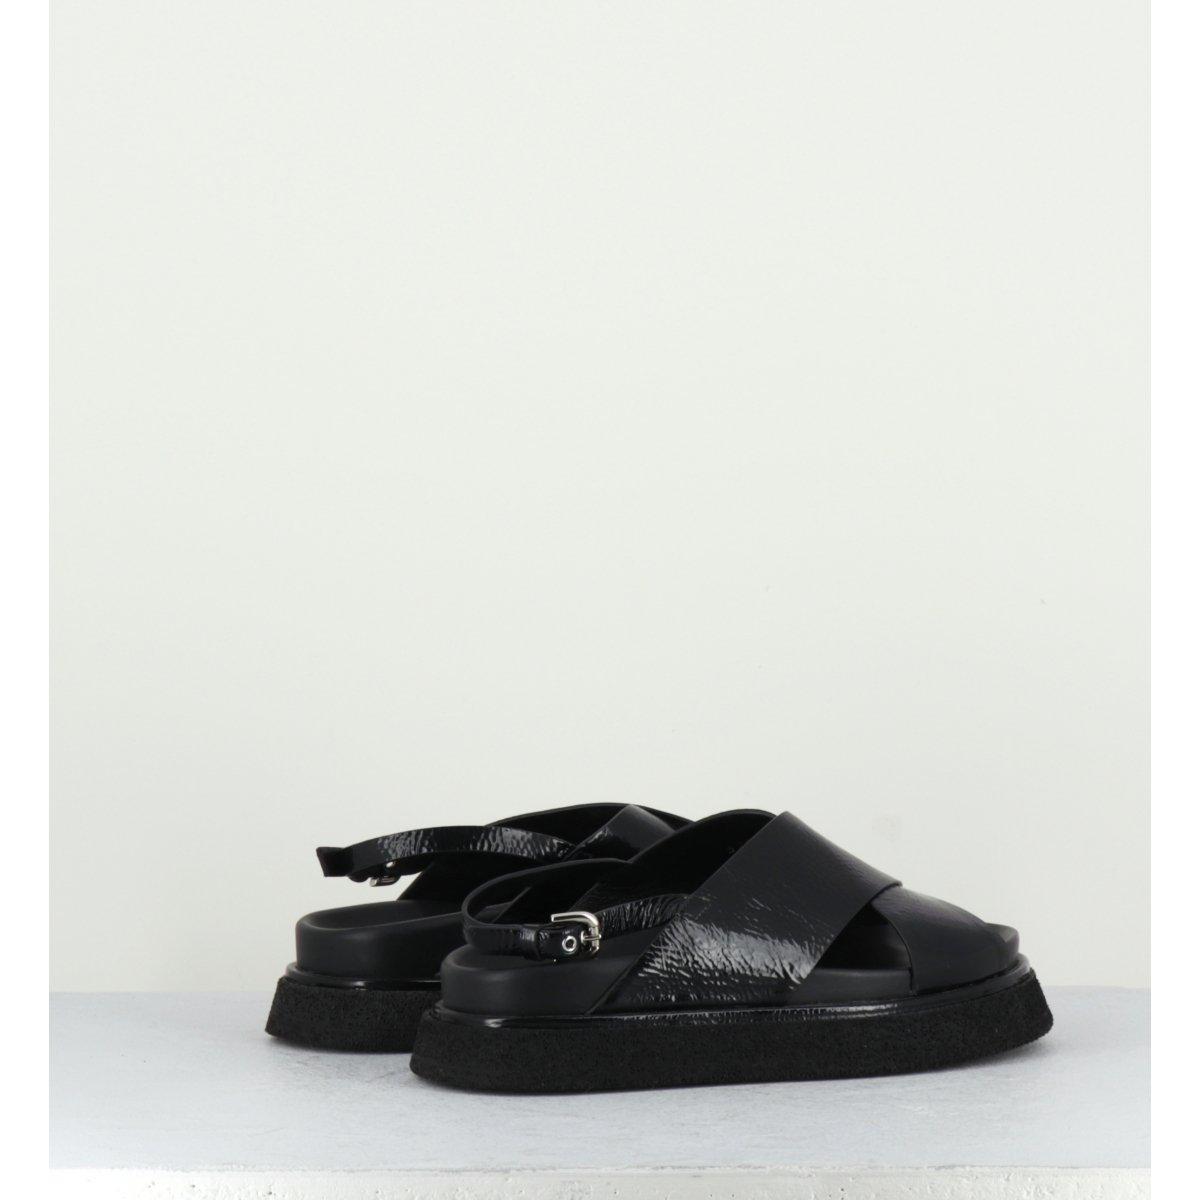 Sandales à semelles épaisses en cuir verni noir Premiata - M5283